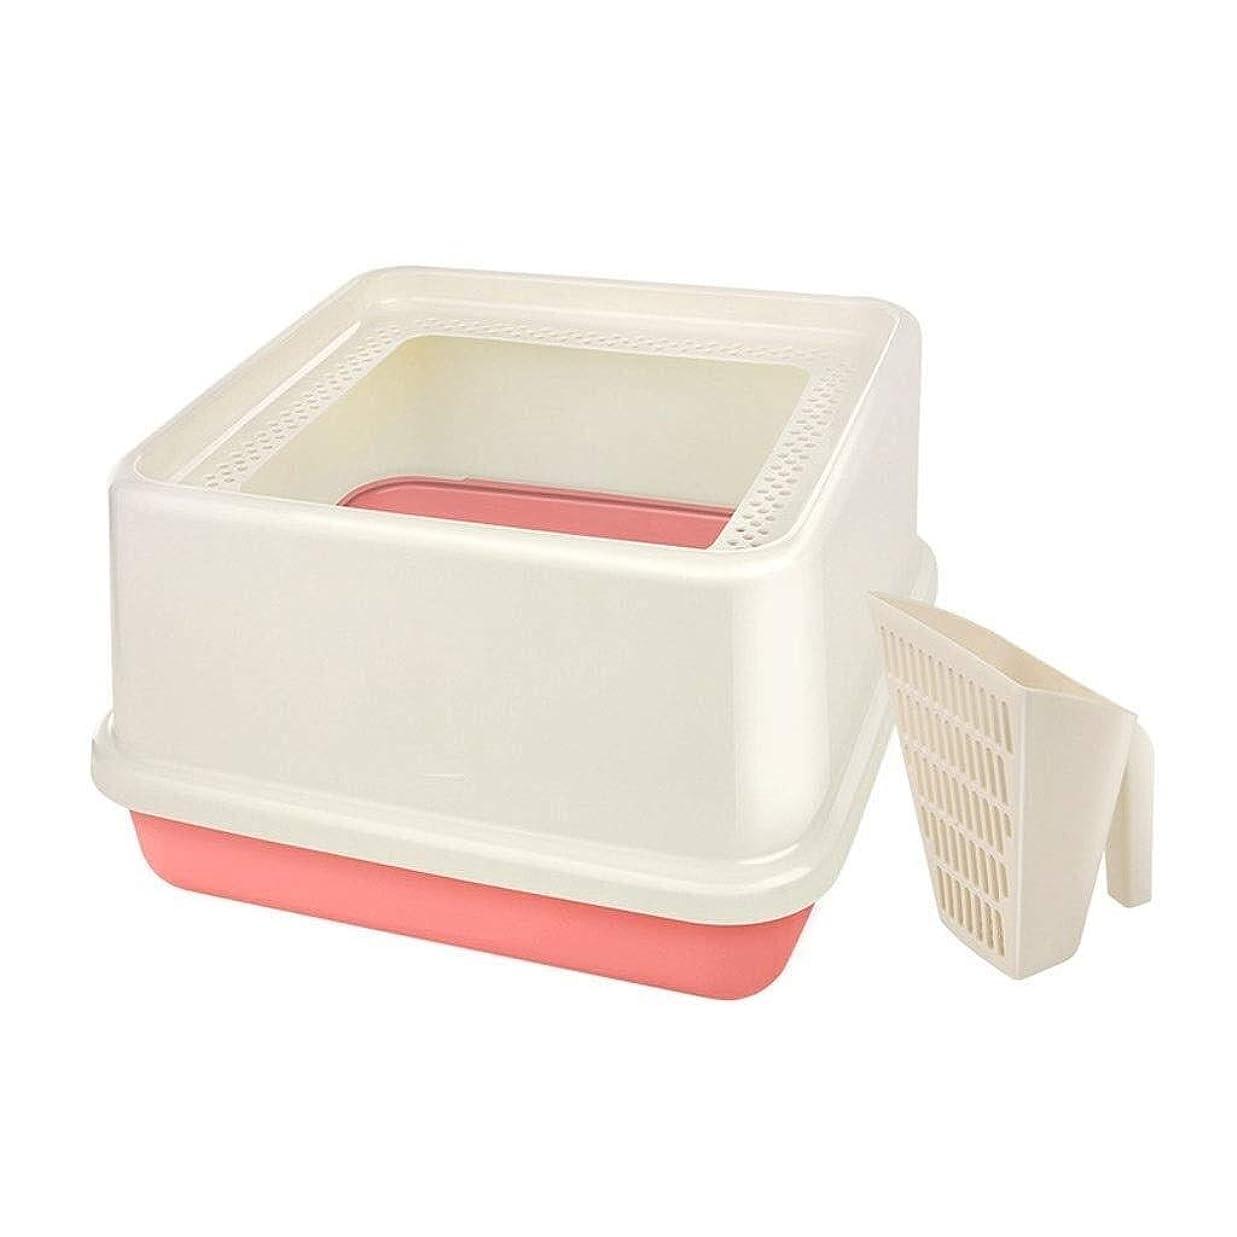 モードリン妖精情熱LT 猫用トイレボックスコーナーゴミ箱トレイ耐久性のあるイノベーションがスペースを提供 (Color : Pink)